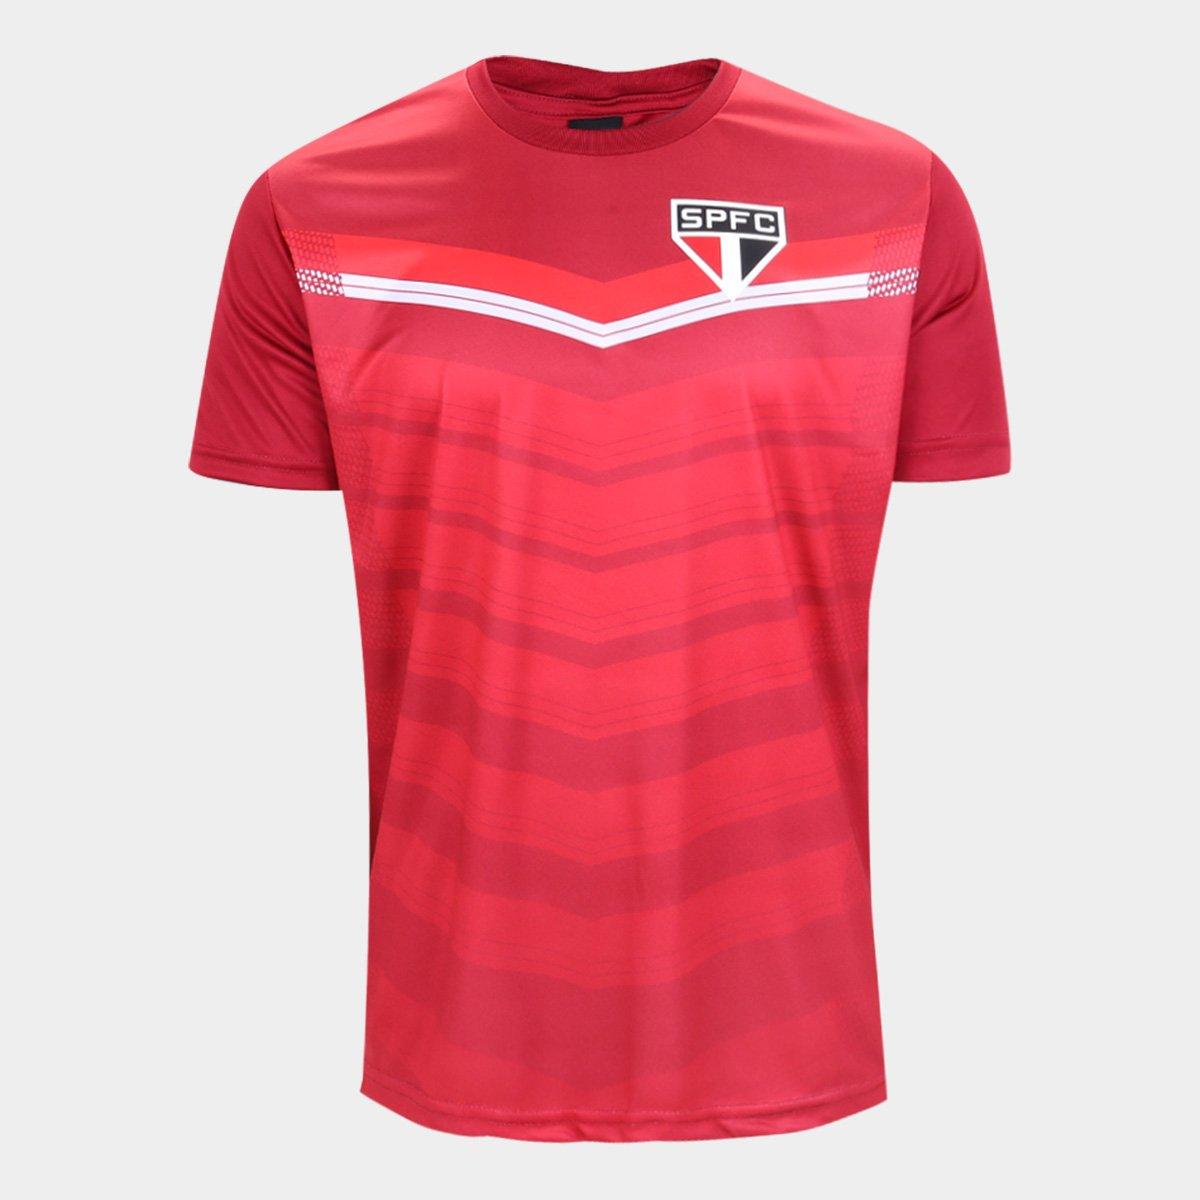 Camisa São Paulo britt SPR - vermelha